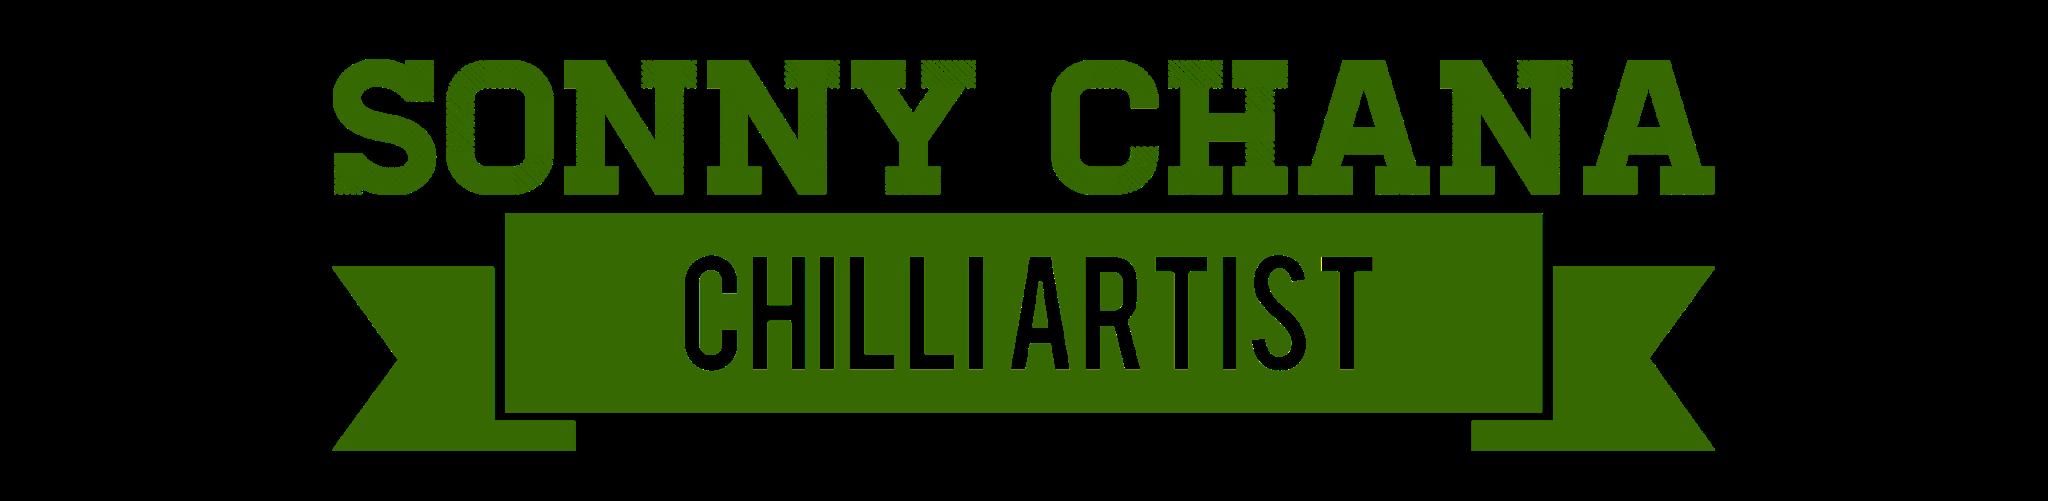 Sonny Chana Artist